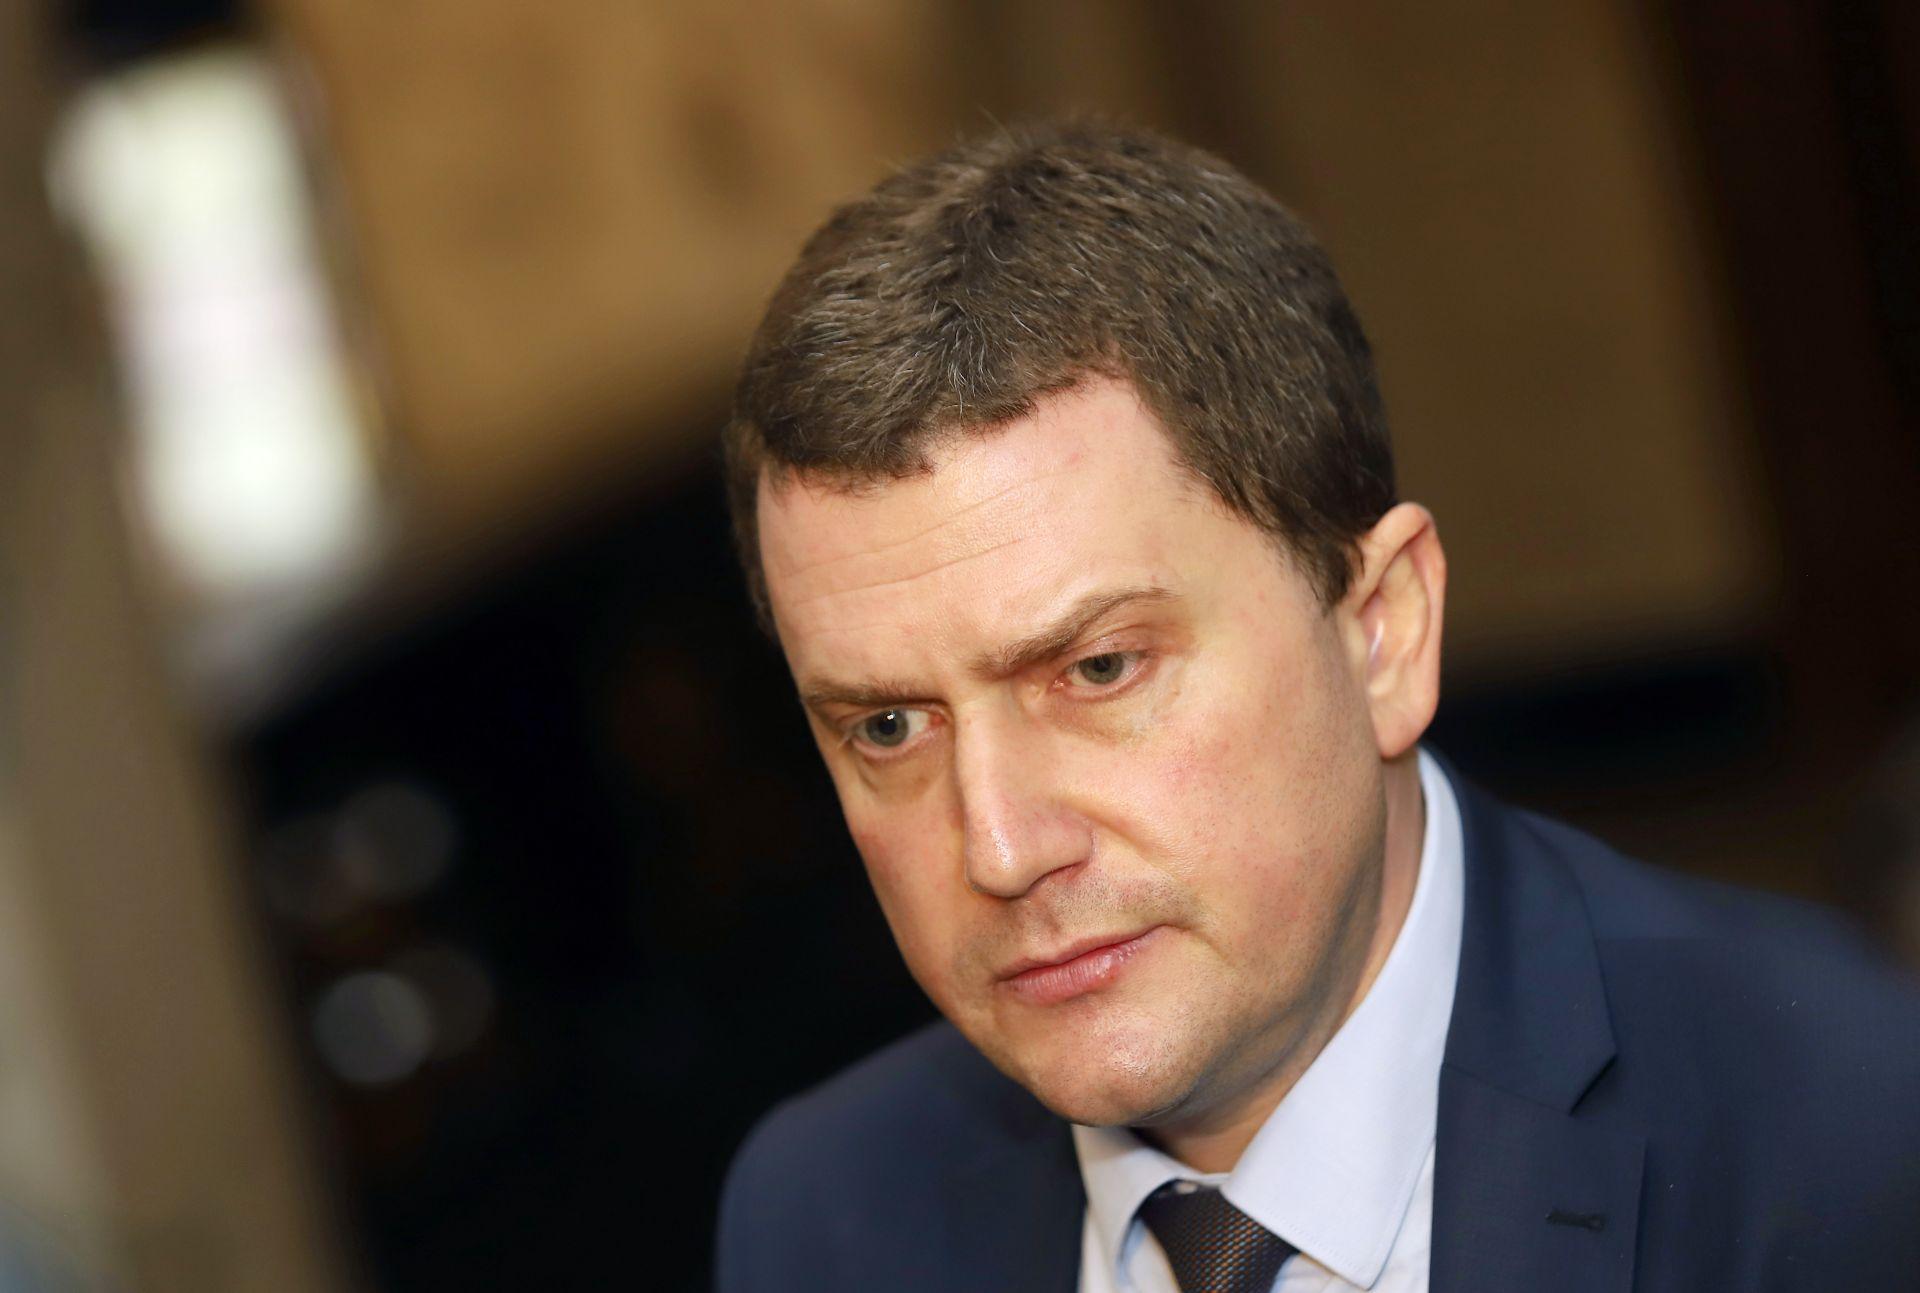 Владимиров получи уверение, че държавното обвинение започва спешна проверка в местното ВиК дружество.